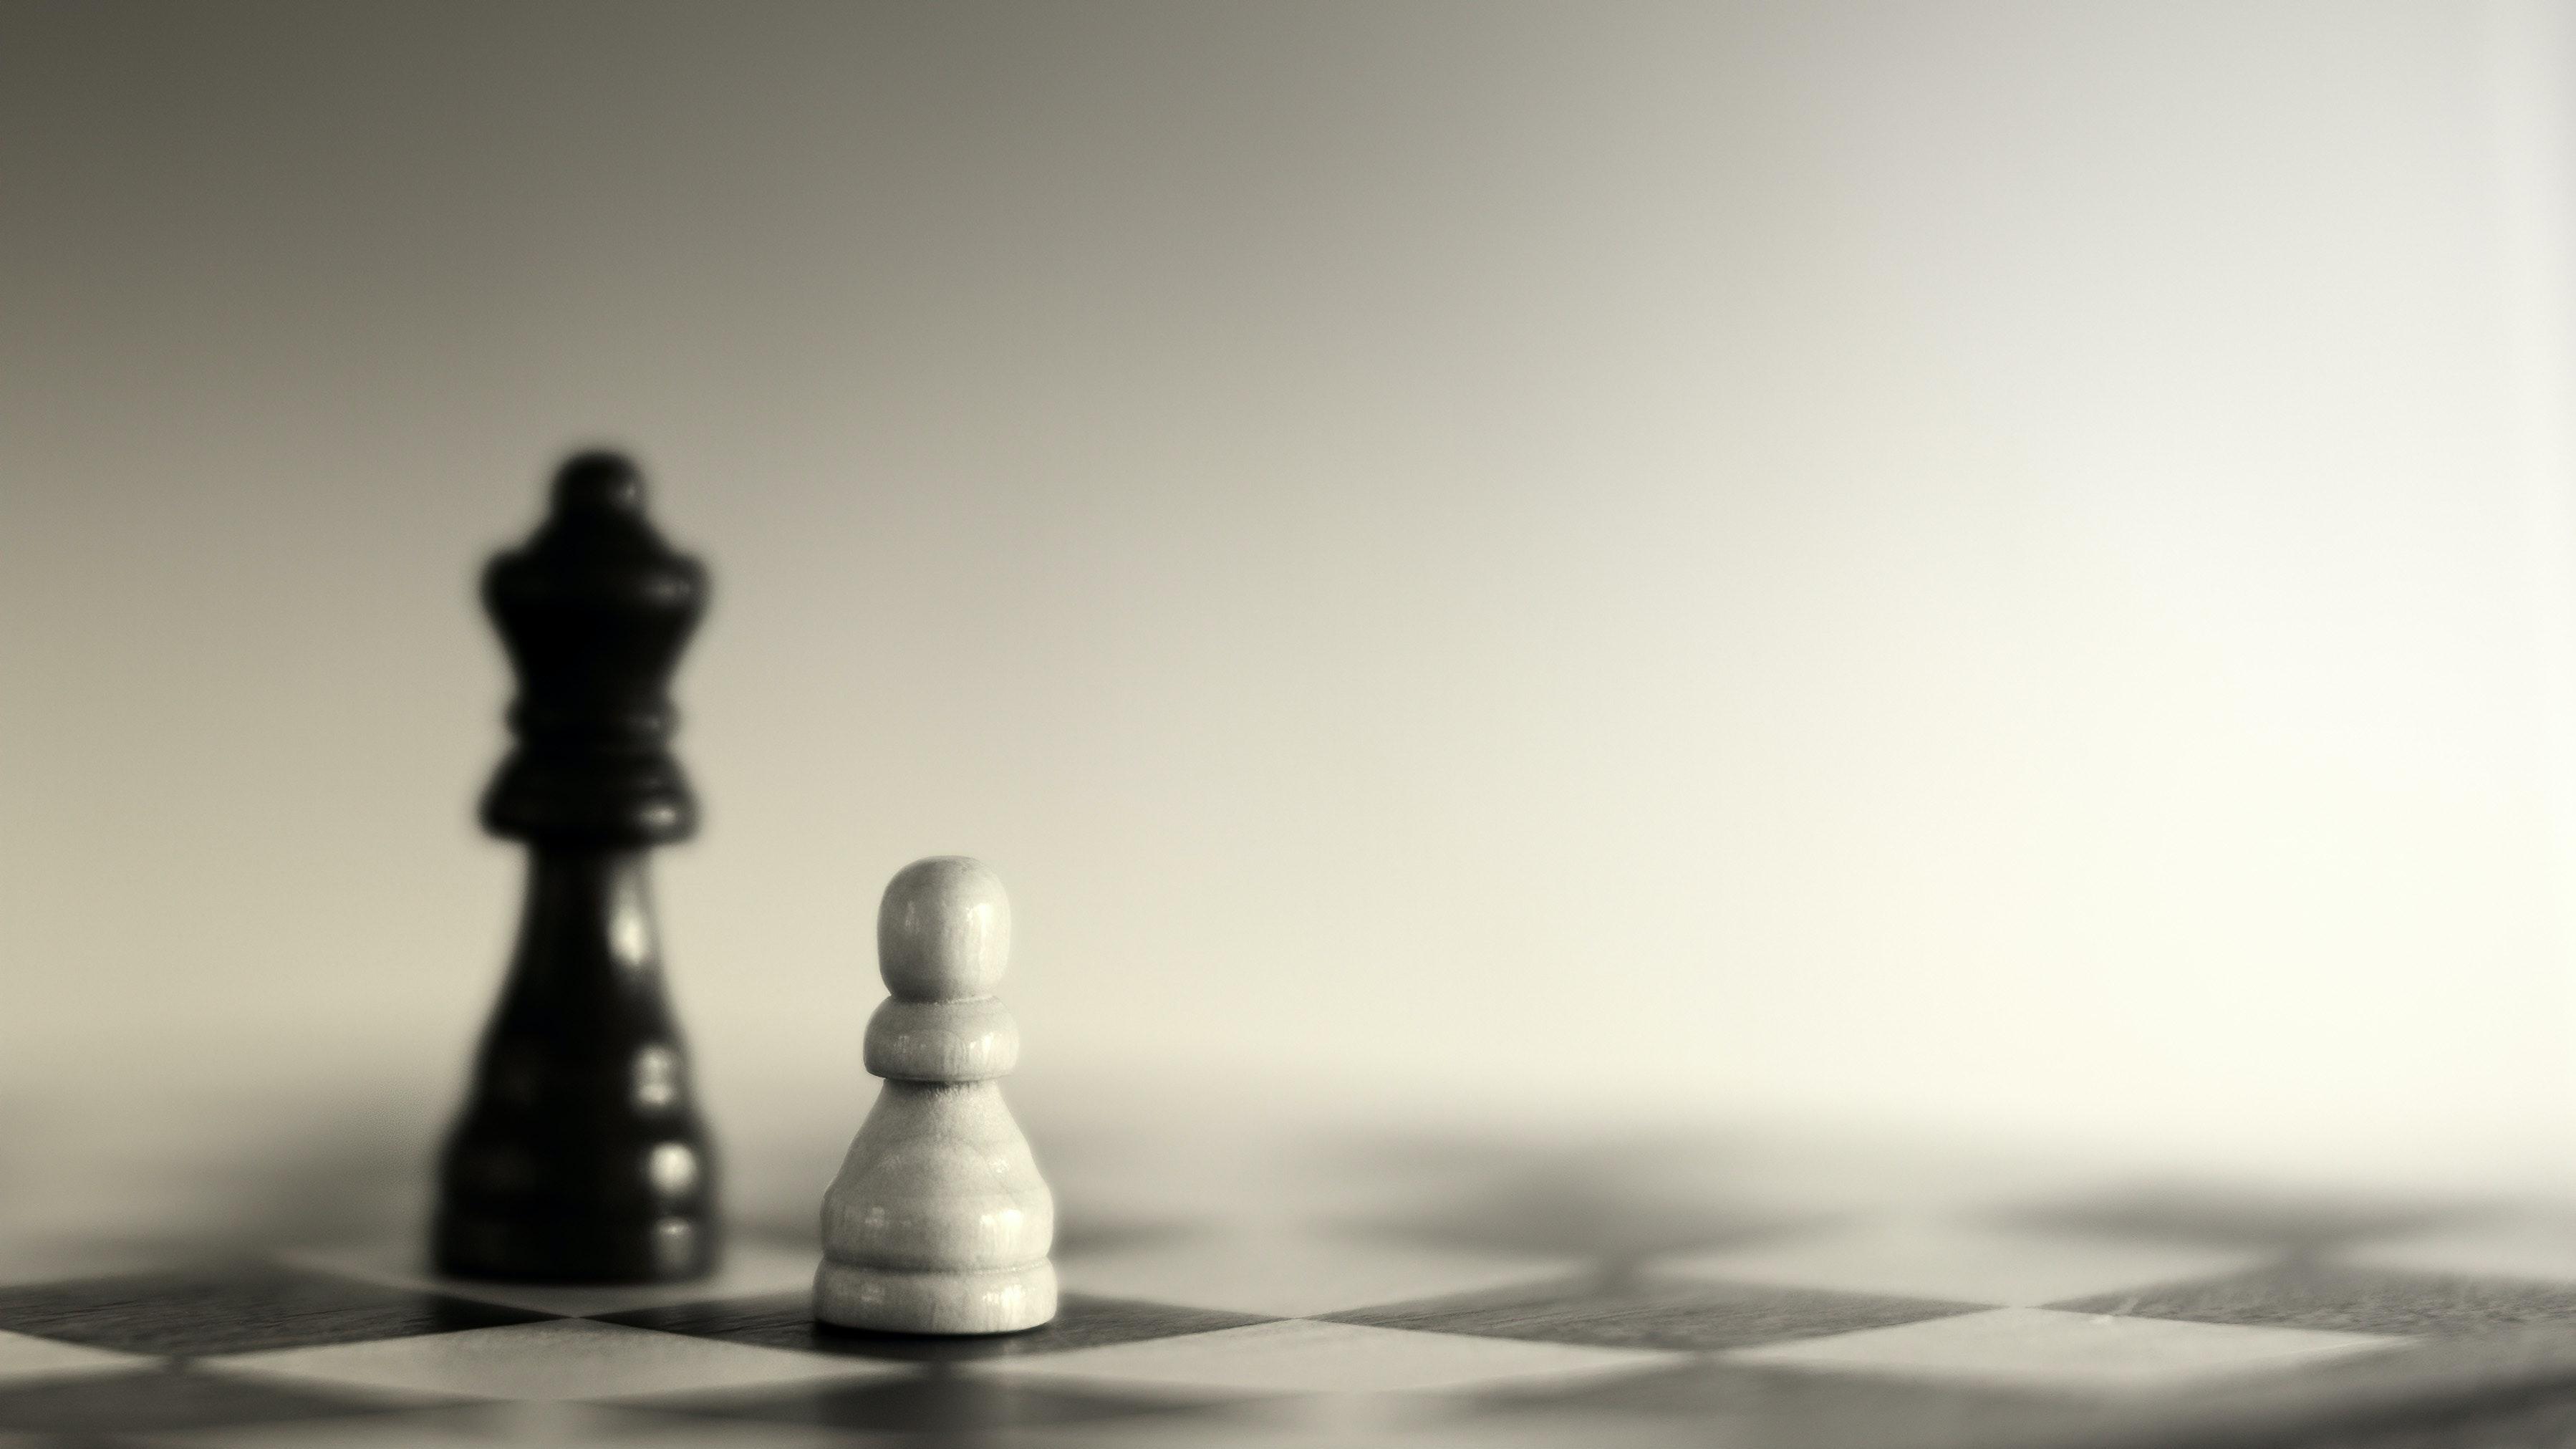 50 Beautiful Chess Photos Pexels Free Stock Photos